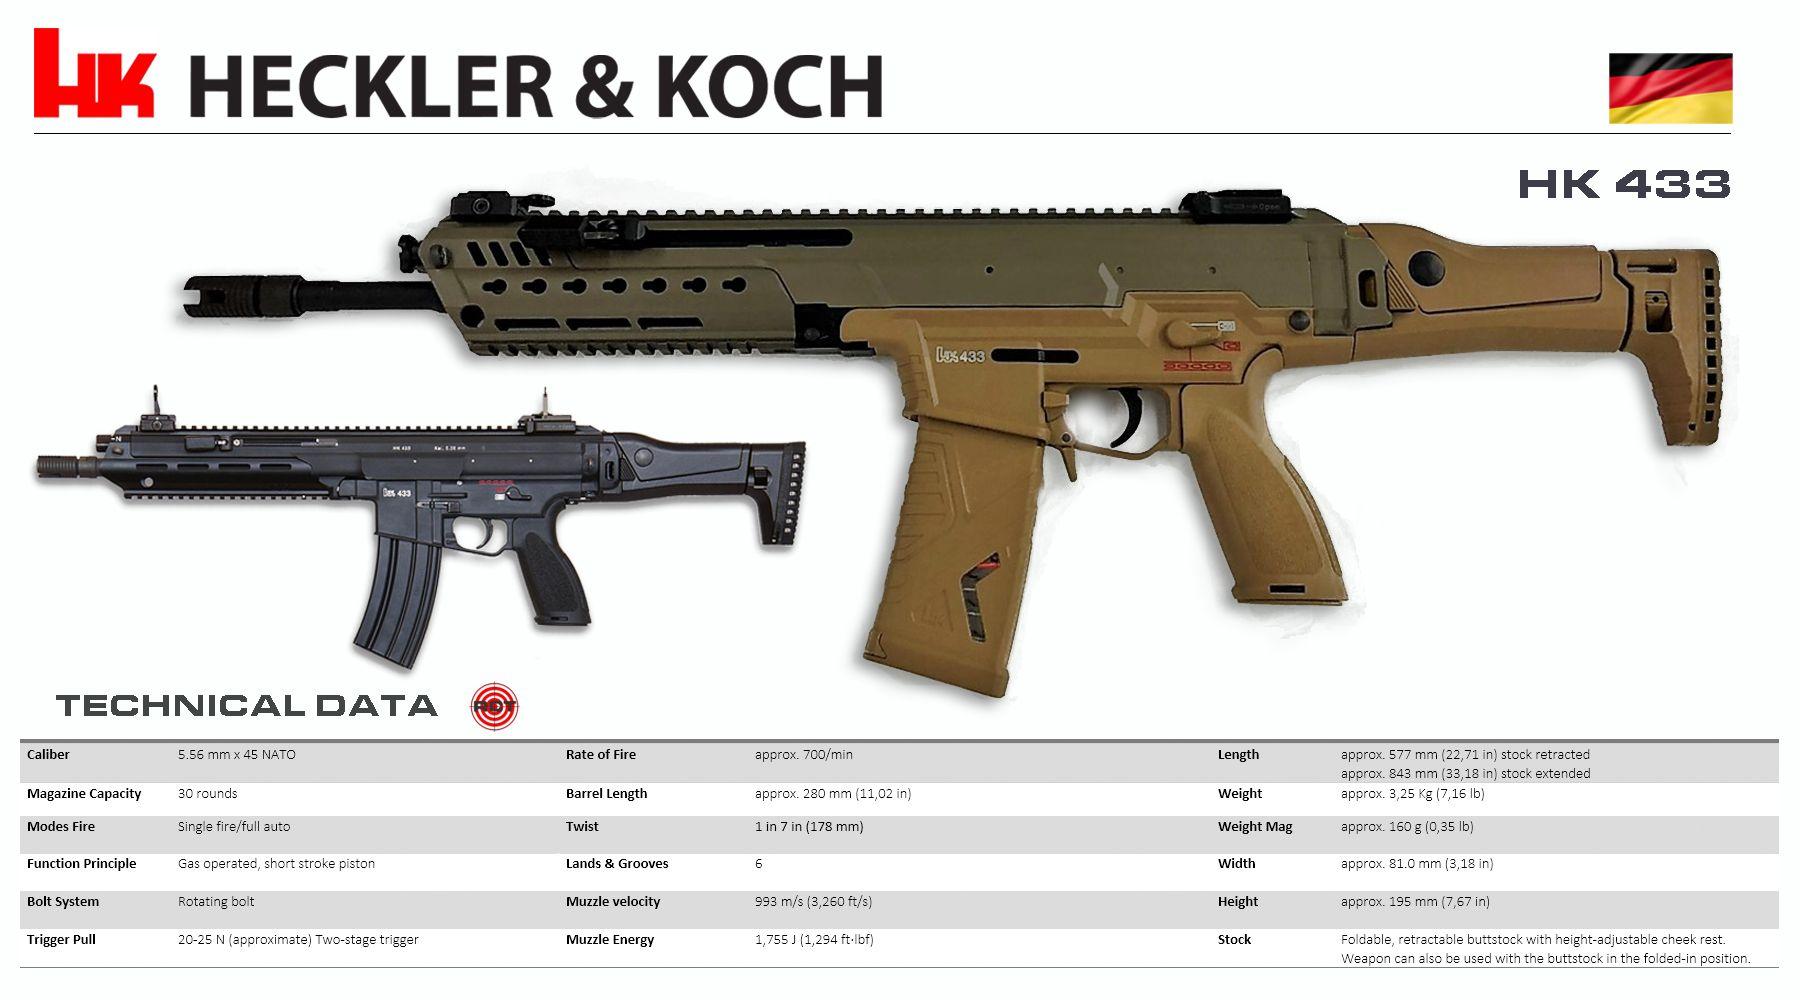 Heckler & Koch - HK 433